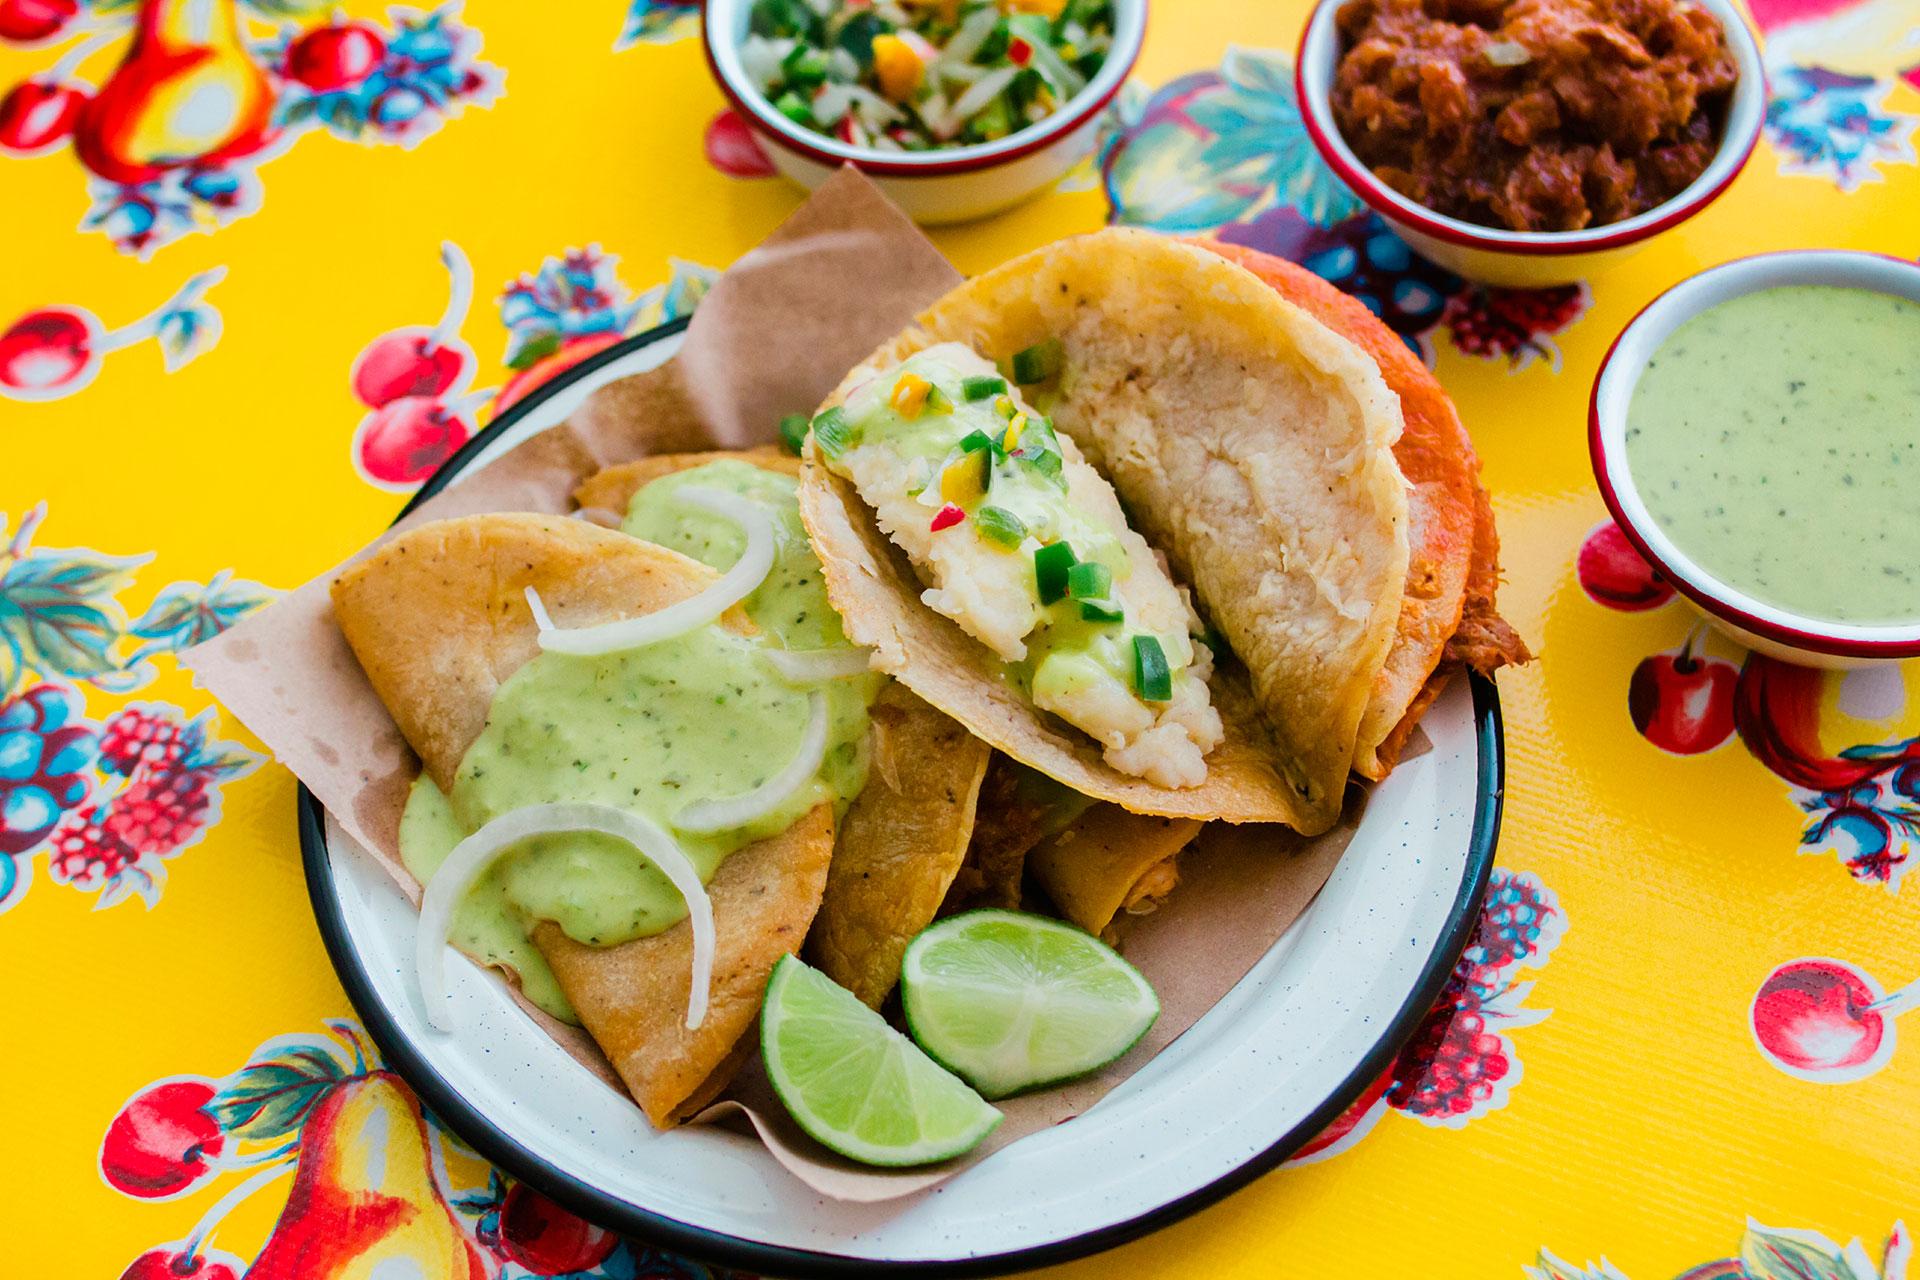 Infobae escogió algunas de las comidas más deliciosas alrededor del mundo para probar, en base a dos rankings internacionales realizados por expertos gastronómicos de la CNN e Insider.com .Los tacos son un componente principal de la cocina mexicana: tortillas enrolladas rellenas con trozos de carne o verduras, cubiertas con guacamole y salsa